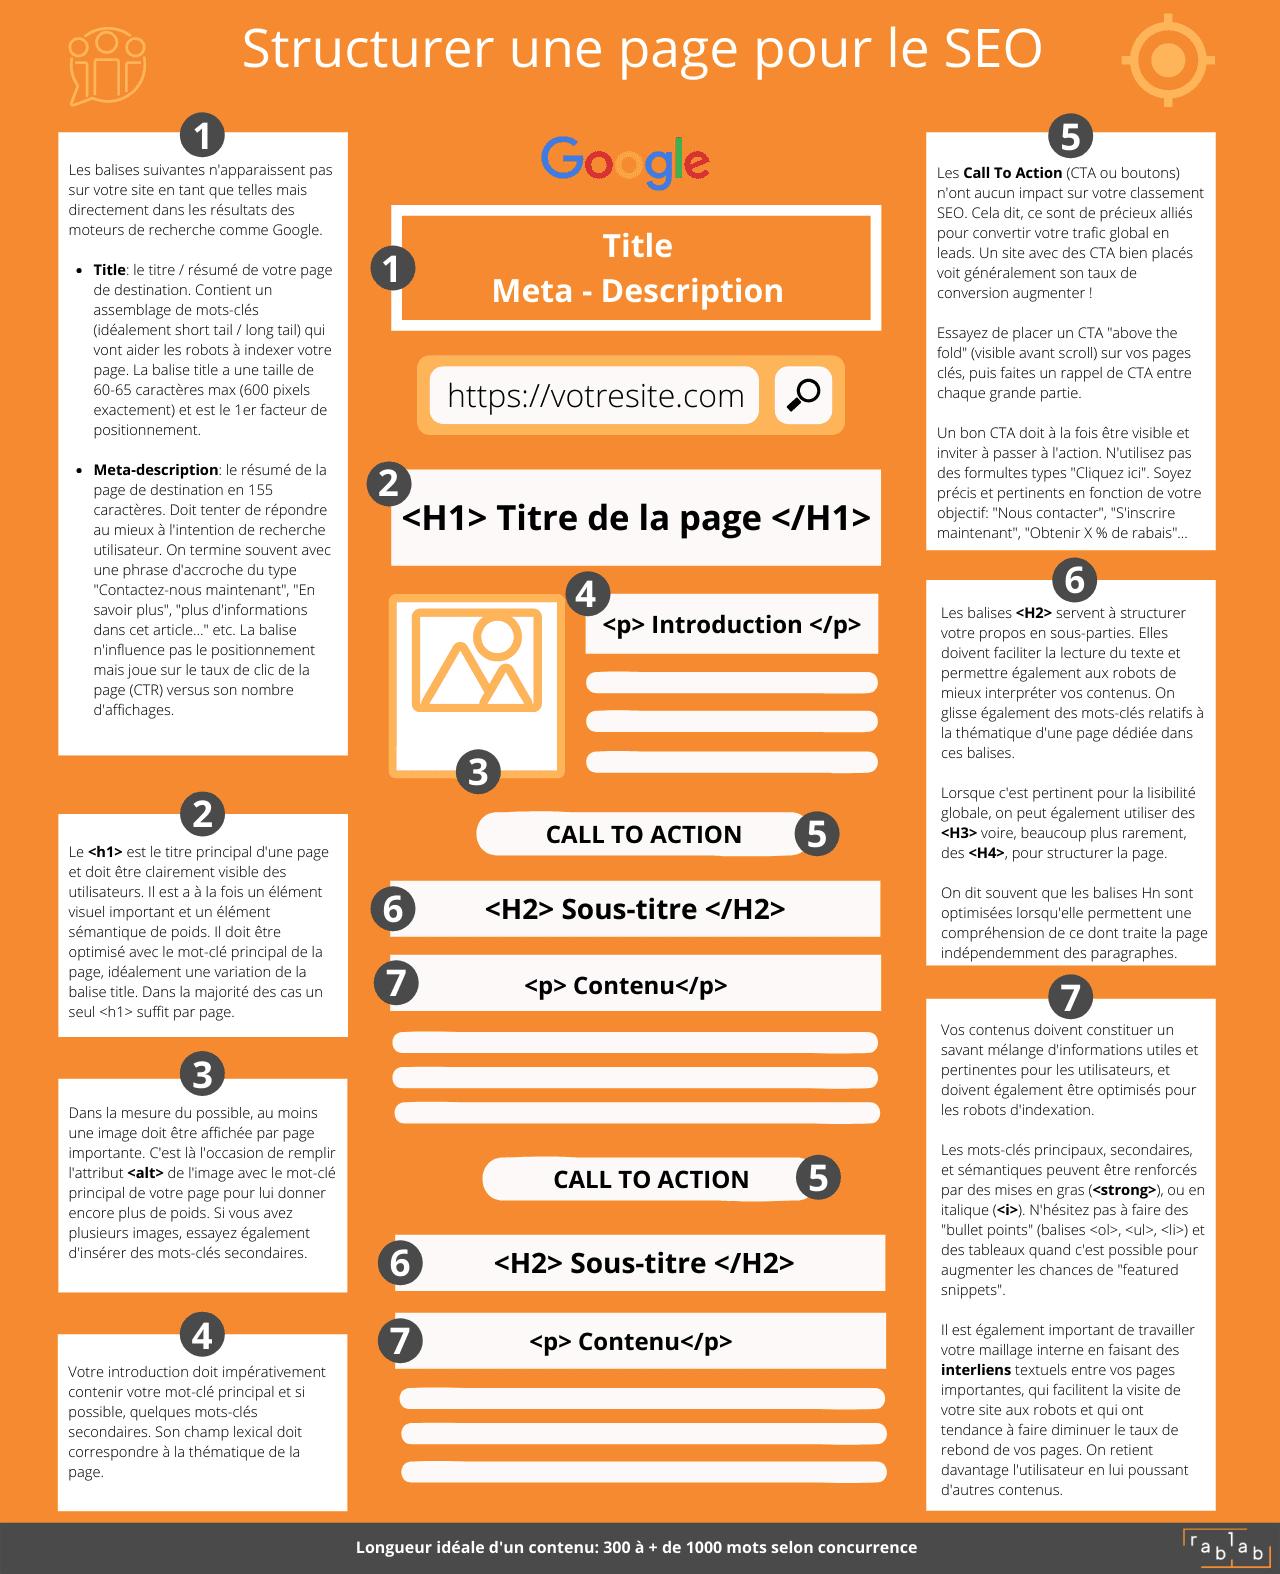 Infographie SEO pour structurer un article optimisé pour Google